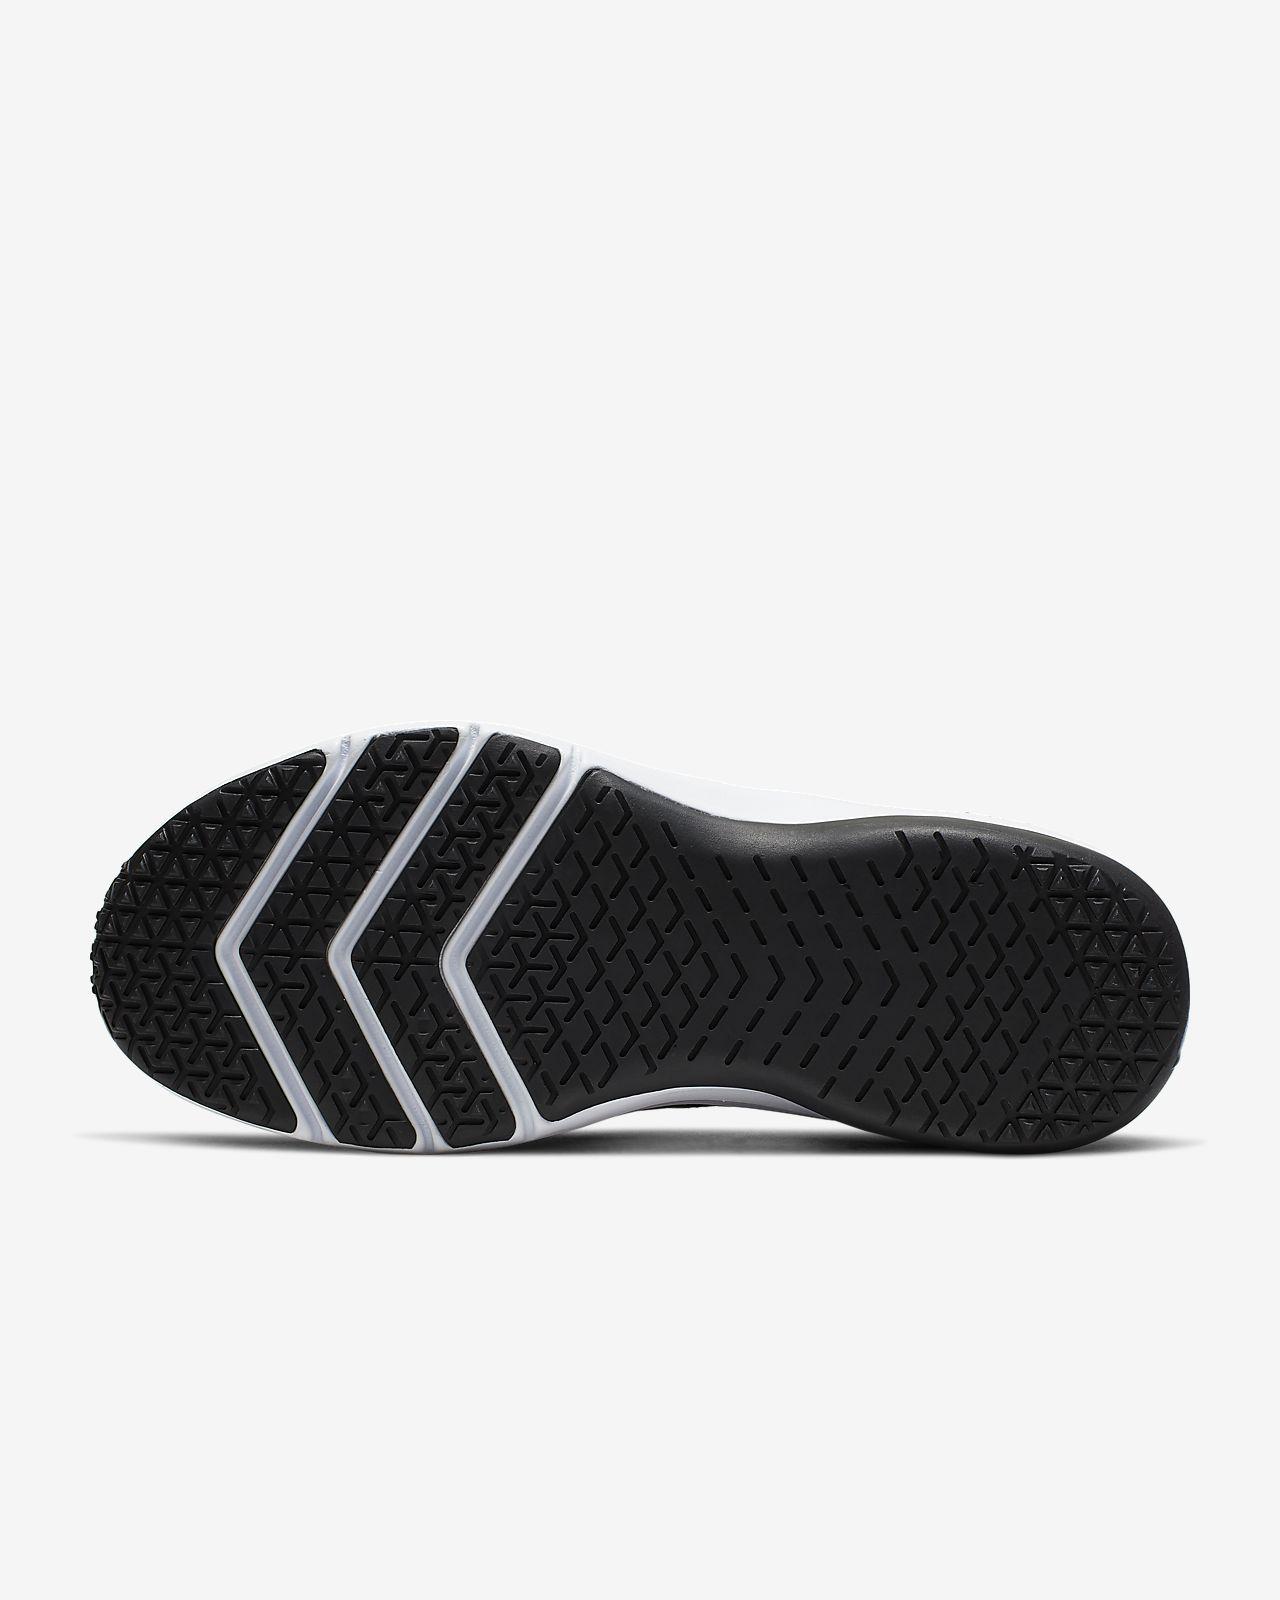 release date 9cab2 e530f ... Sko för gym träning boxning Nike Air Zoom Fearless Flyknit 2 för kvinnor